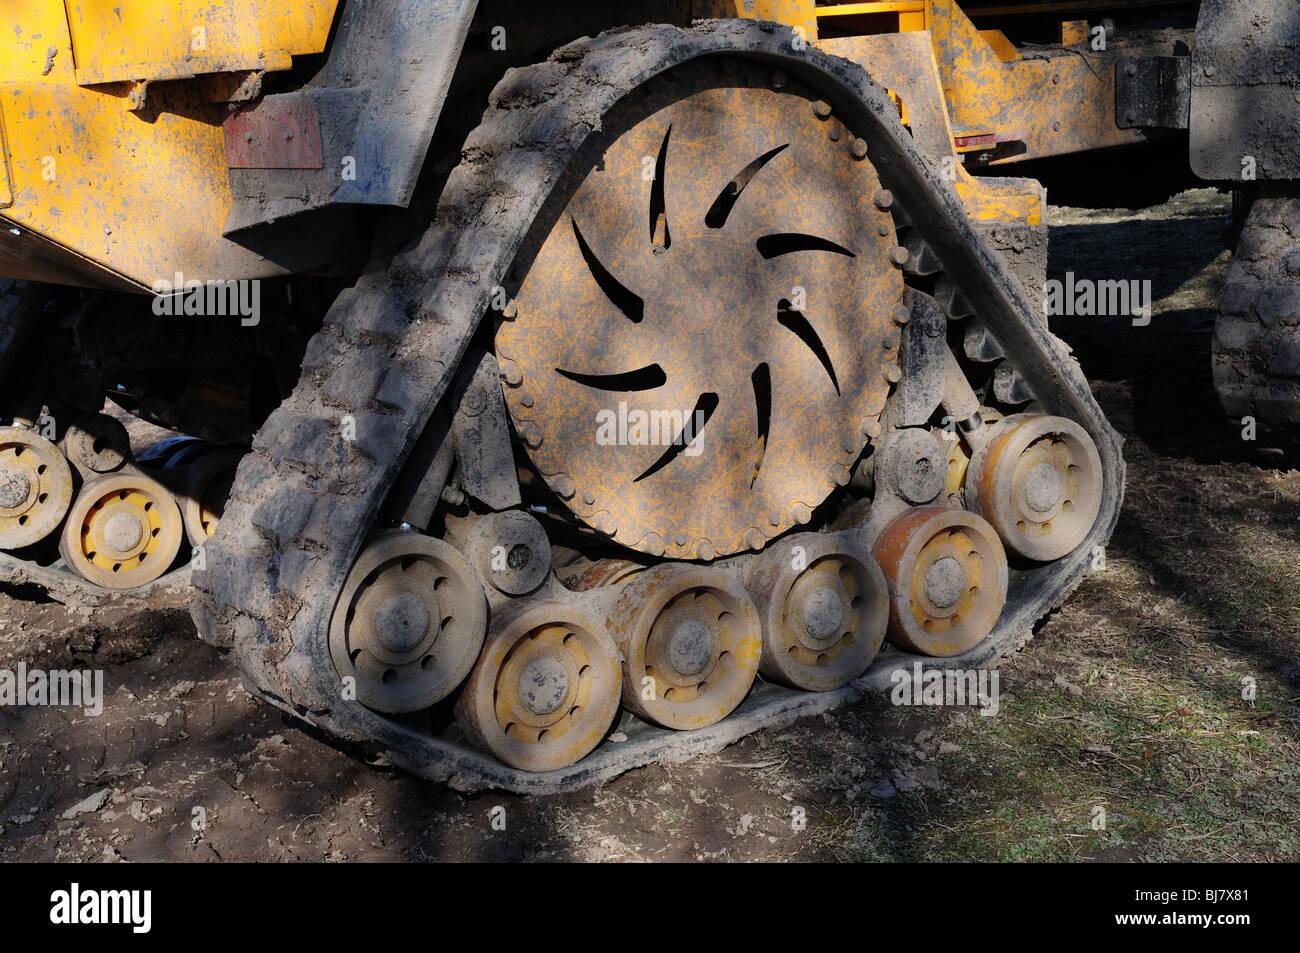 Track of Big-traz 10 large  tracked dumping machine - Stock Image